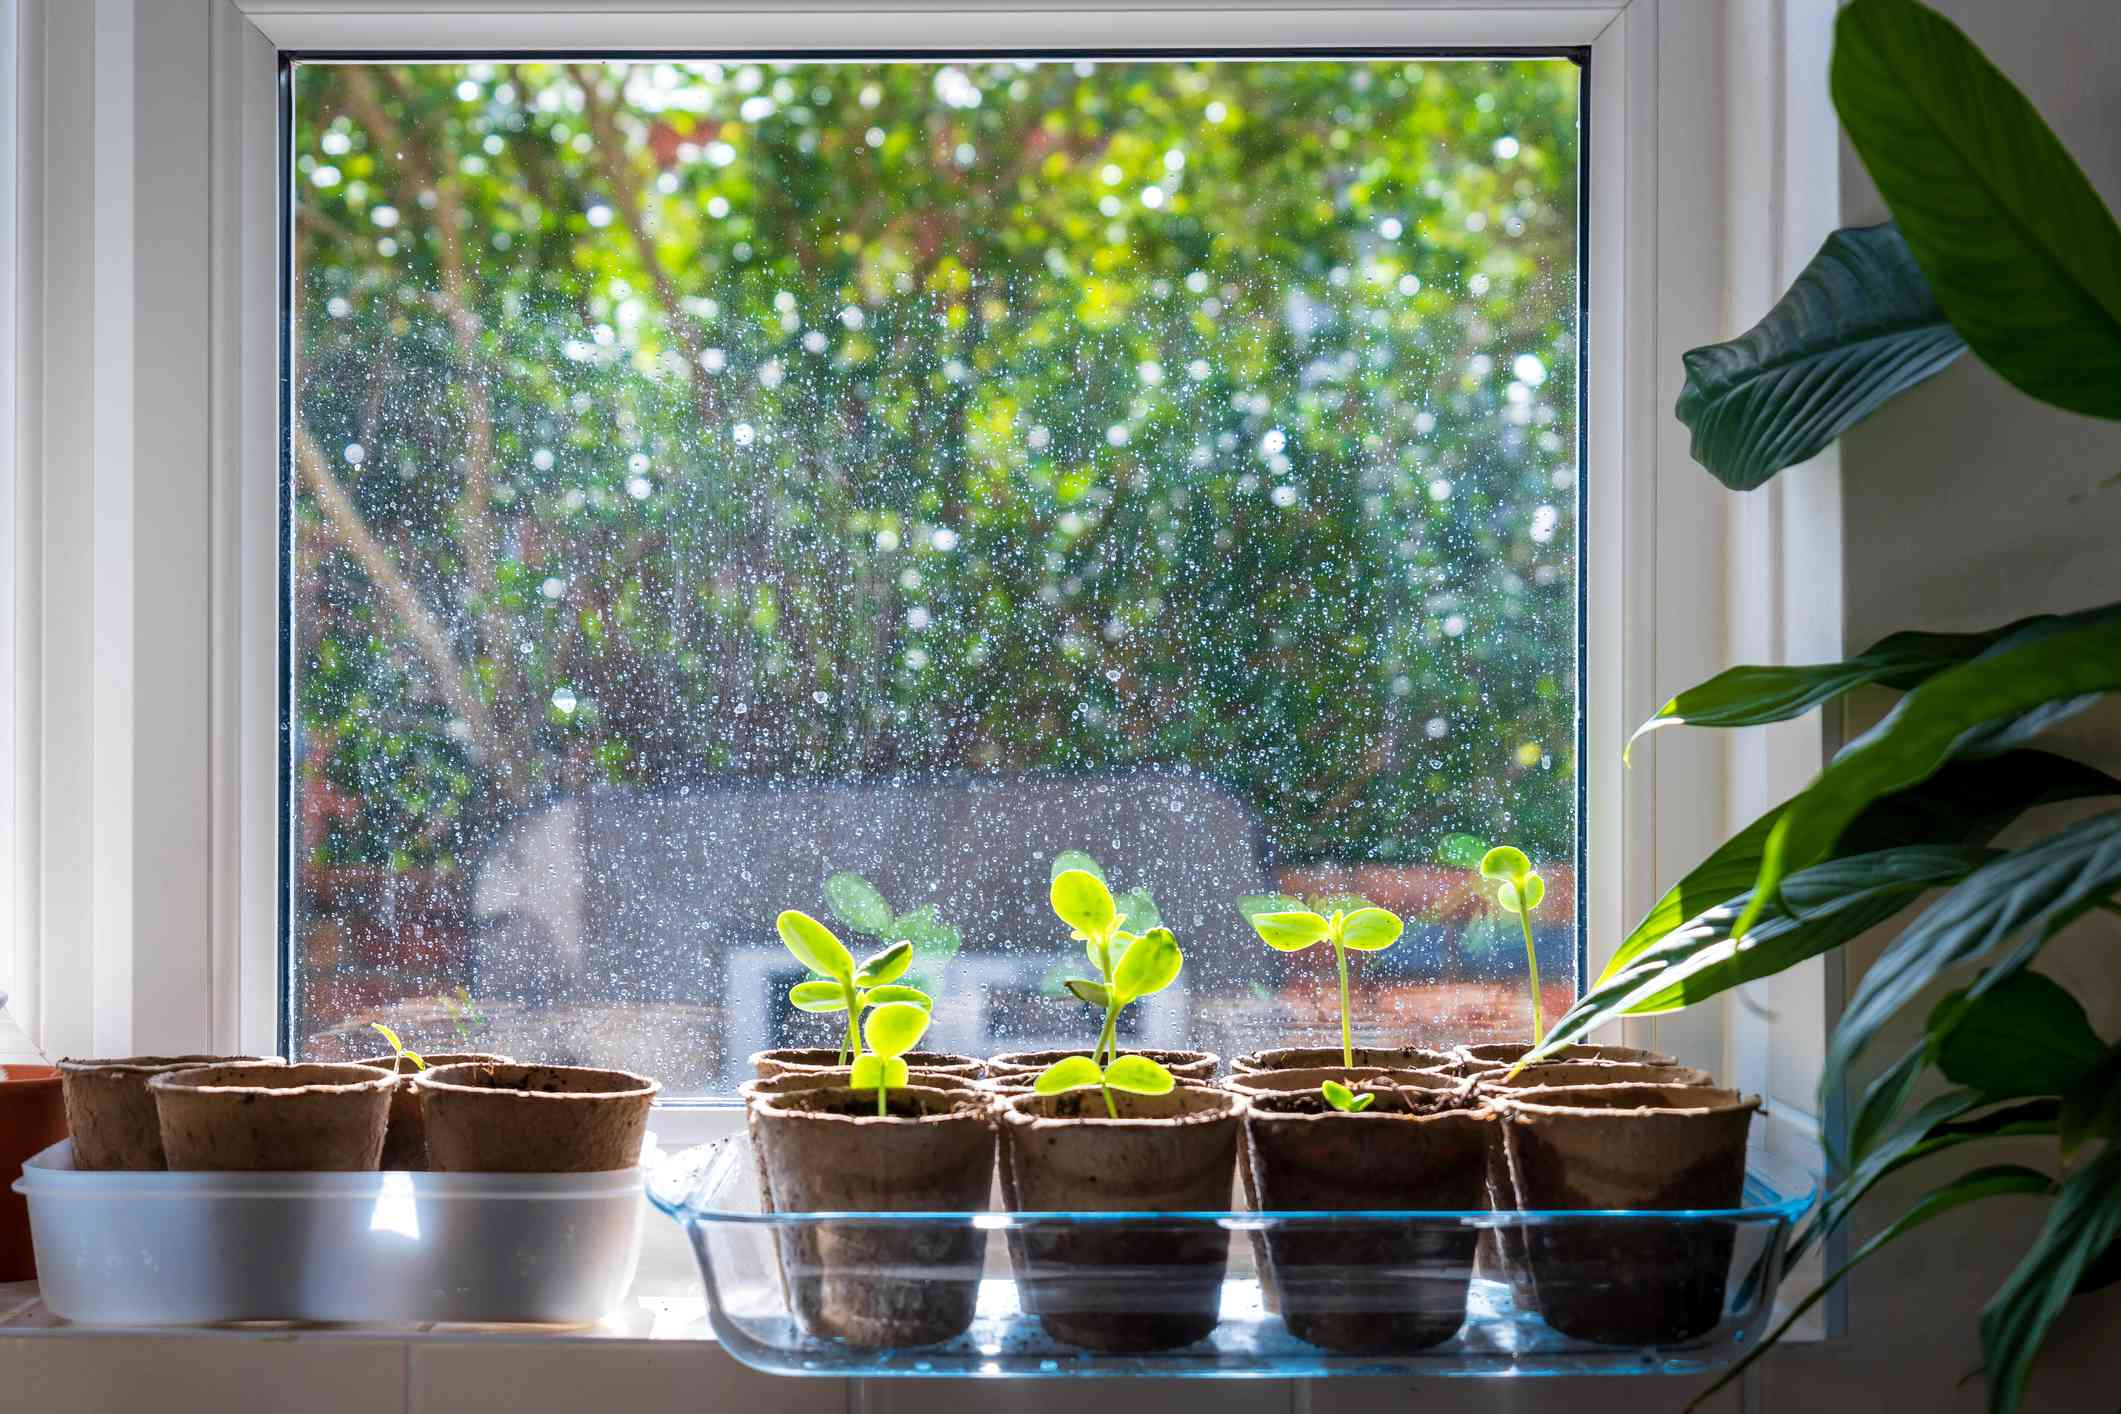 seedlings in windowsill